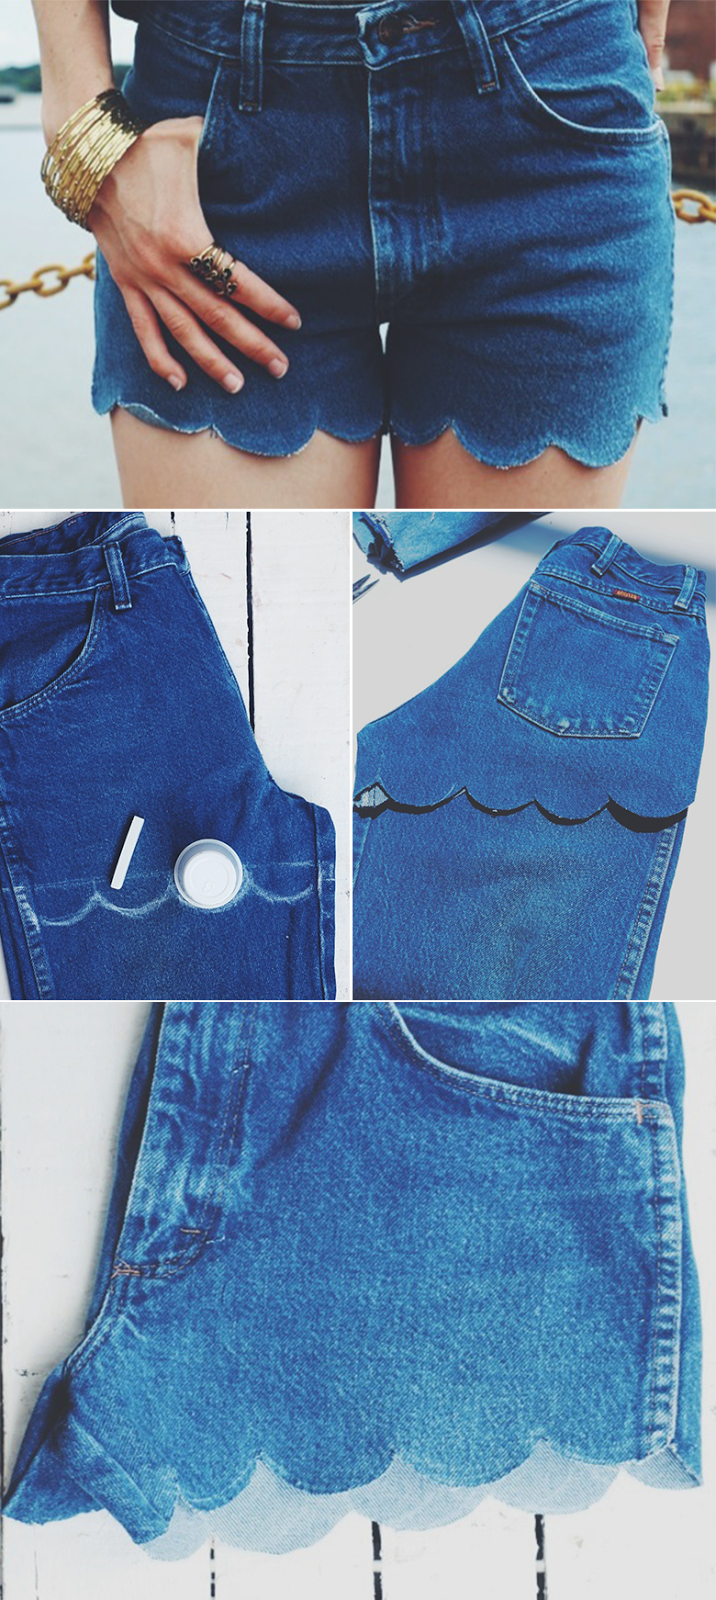 Opinando Moda  3 maneiras de transformar calça jeans em Short 79cfbf496e